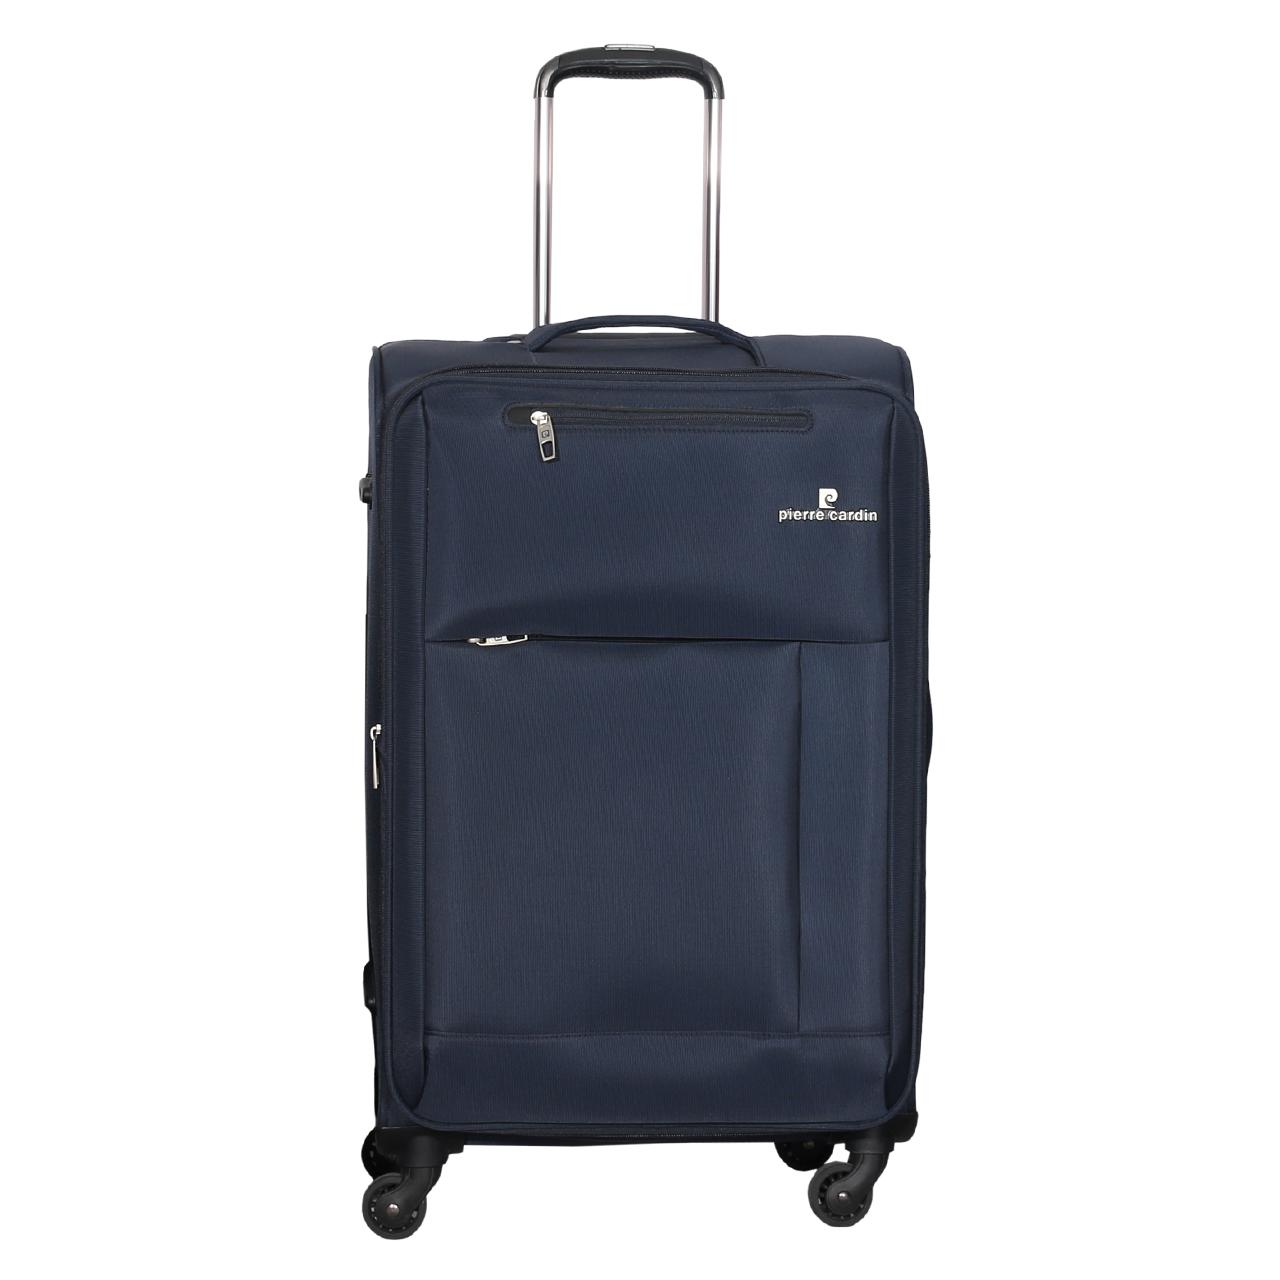 چمدان پیرکاردین مدل 86297 سایز متوسط